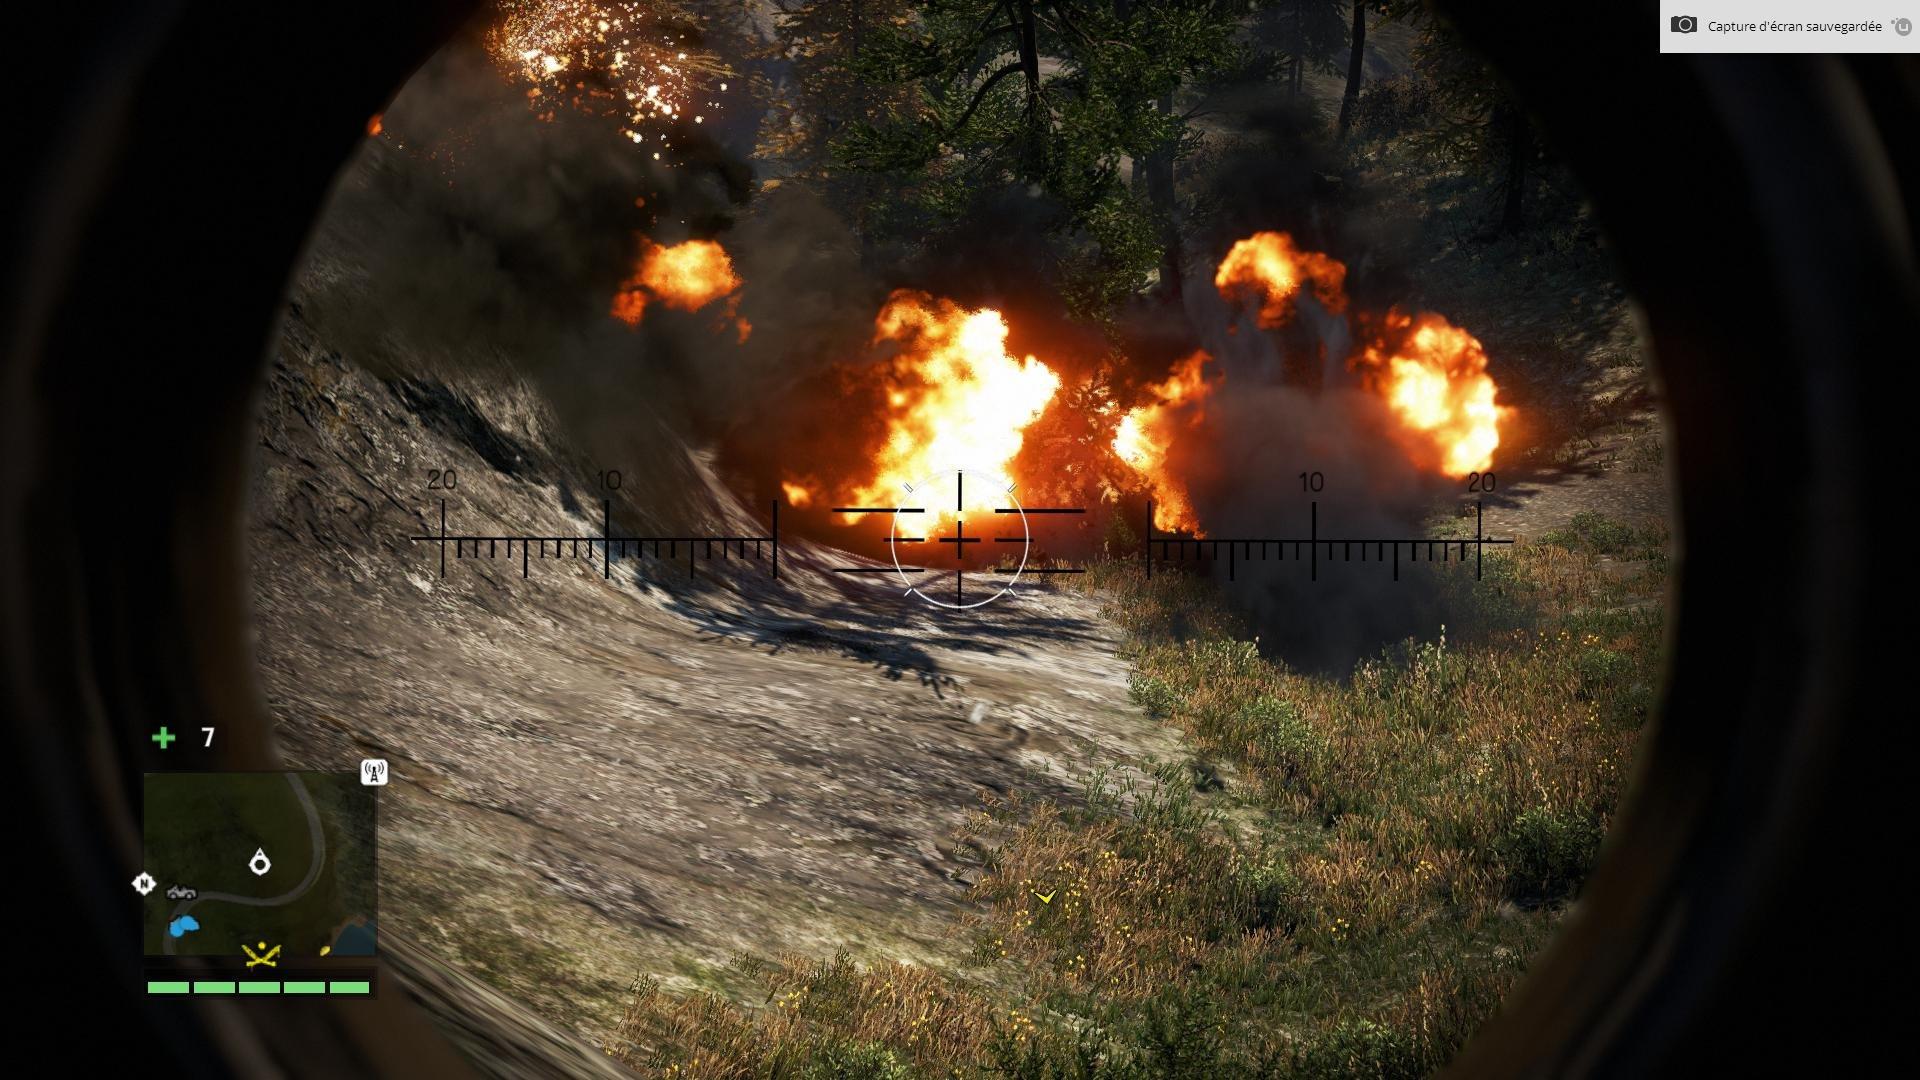 Far  Cry 4 - Page 2 B13c2060-5e71-4820-849a-89e8eb364fd5